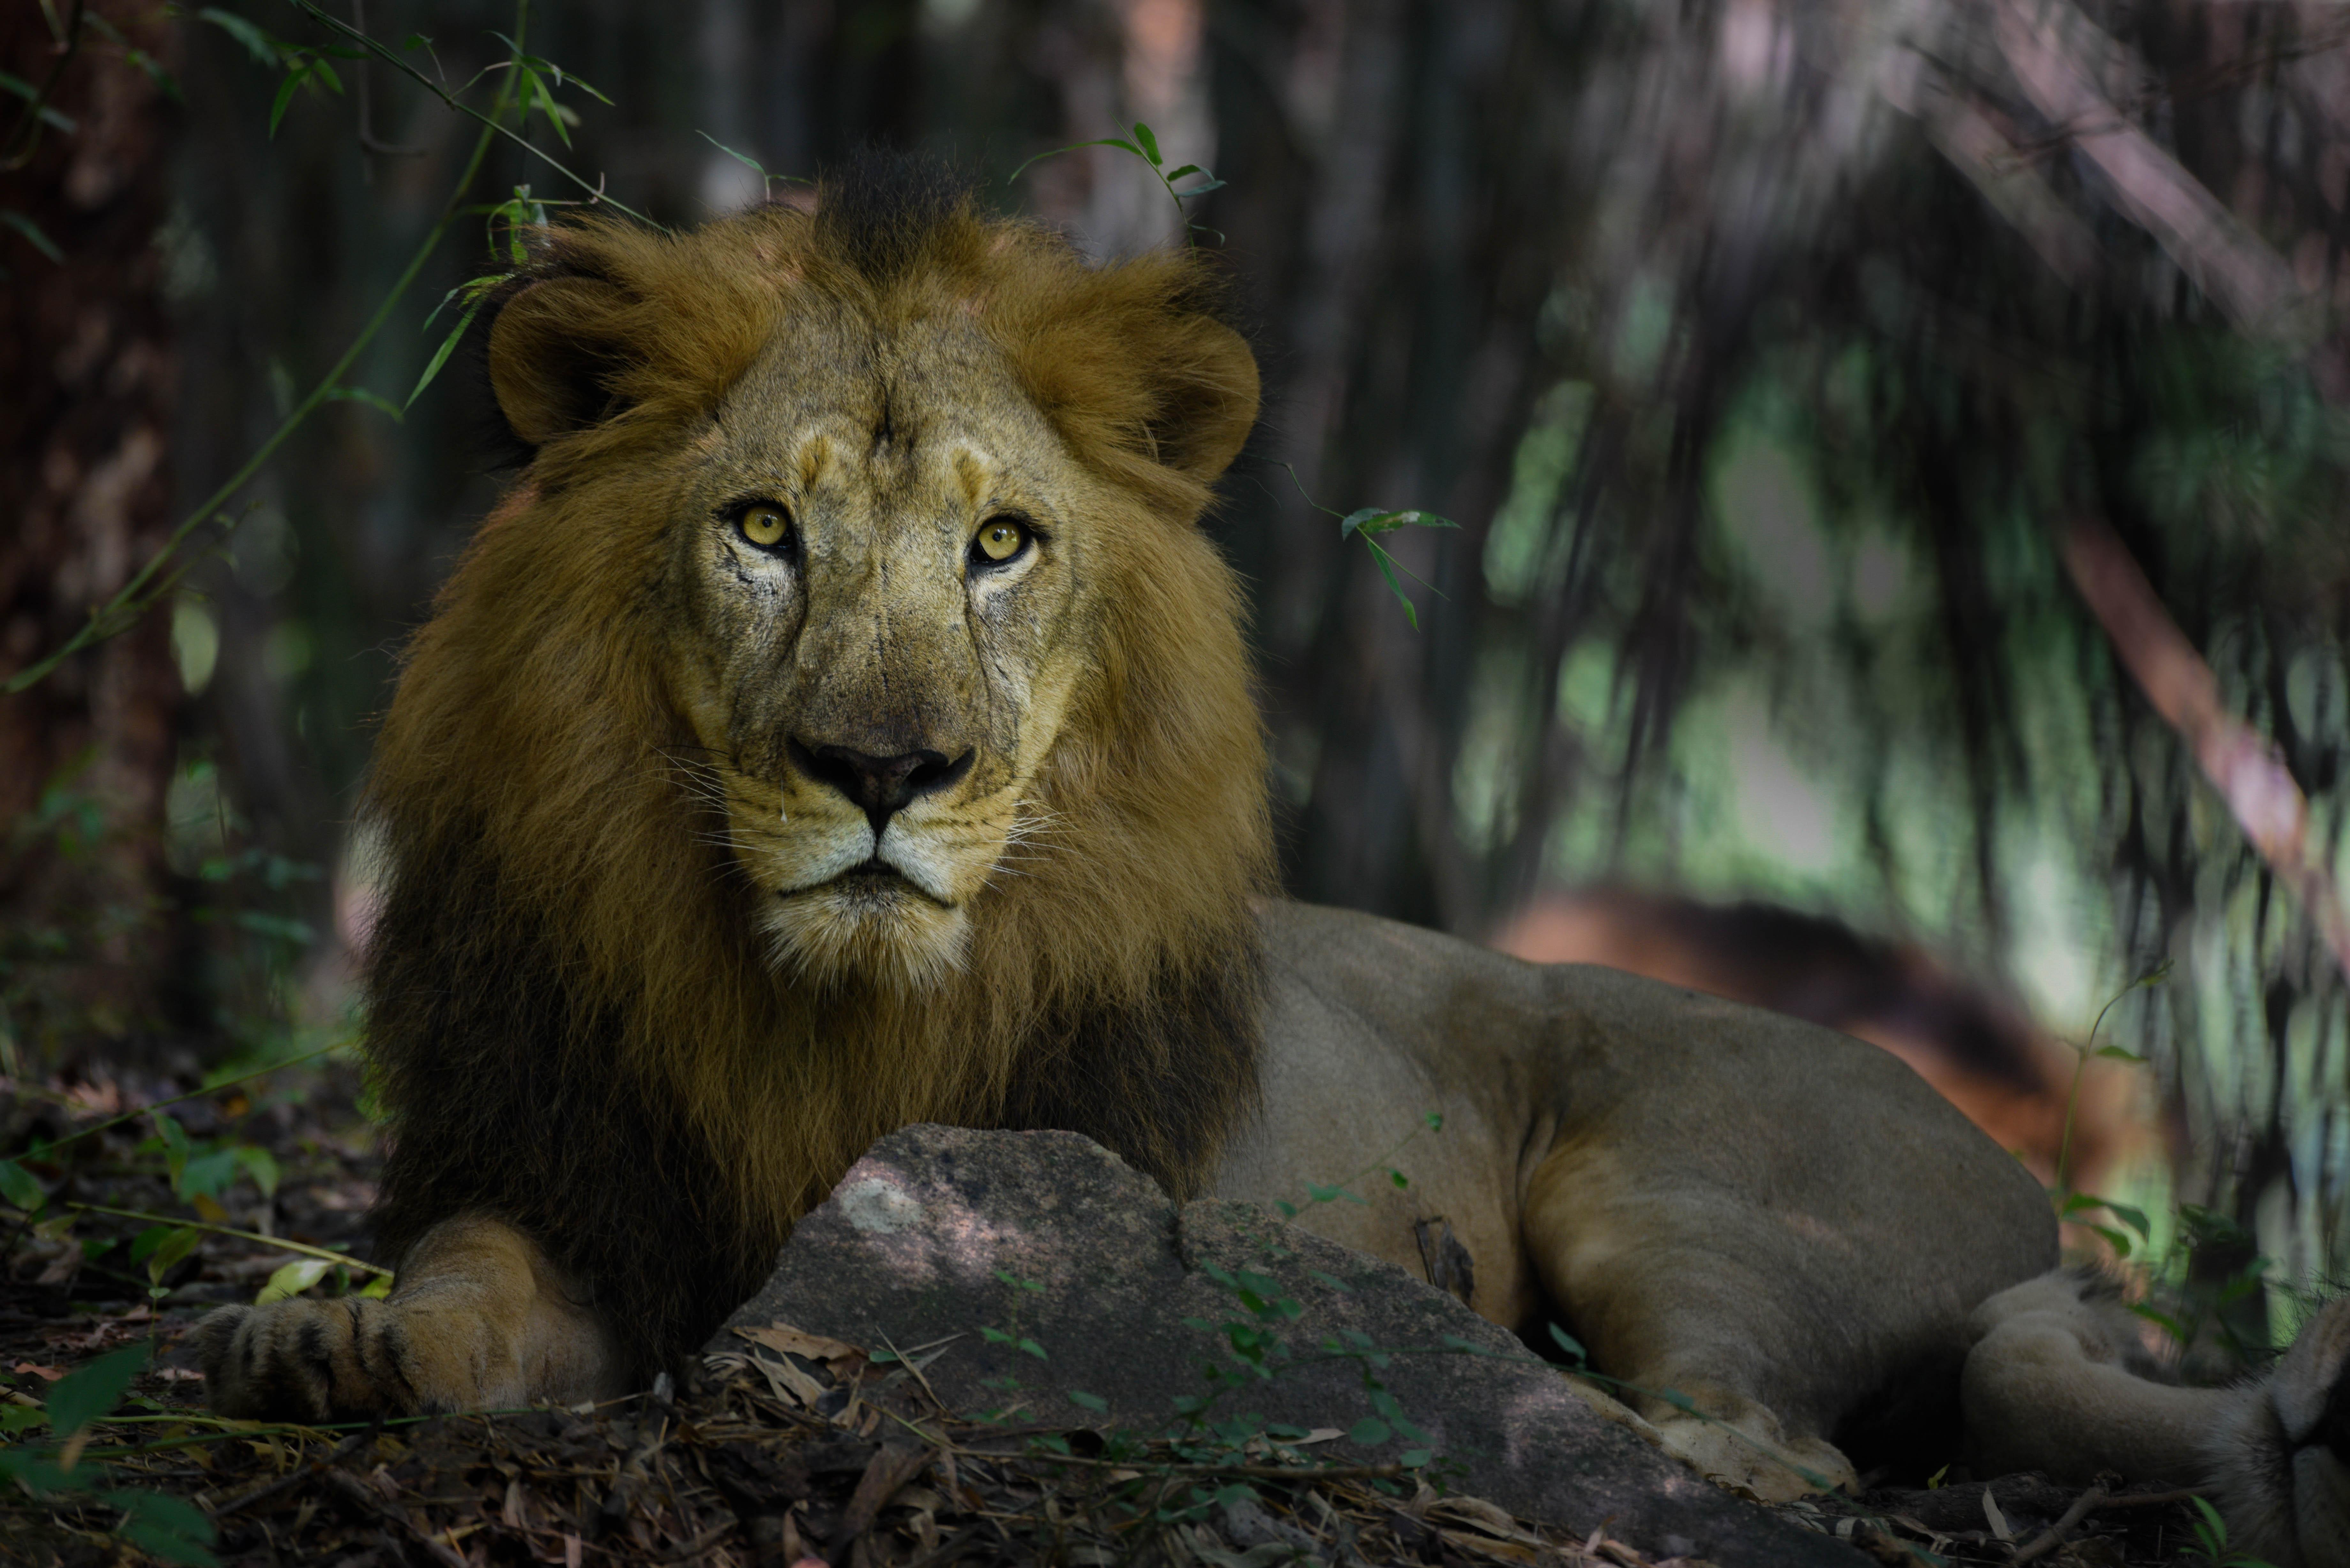 94898 baixar papel de parede Animais, Leão, Um Leão, Predator, Predador, Gato Grande, Juba, Rei Das Feras, Rei Das Bestas - protetores de tela e imagens gratuitamente